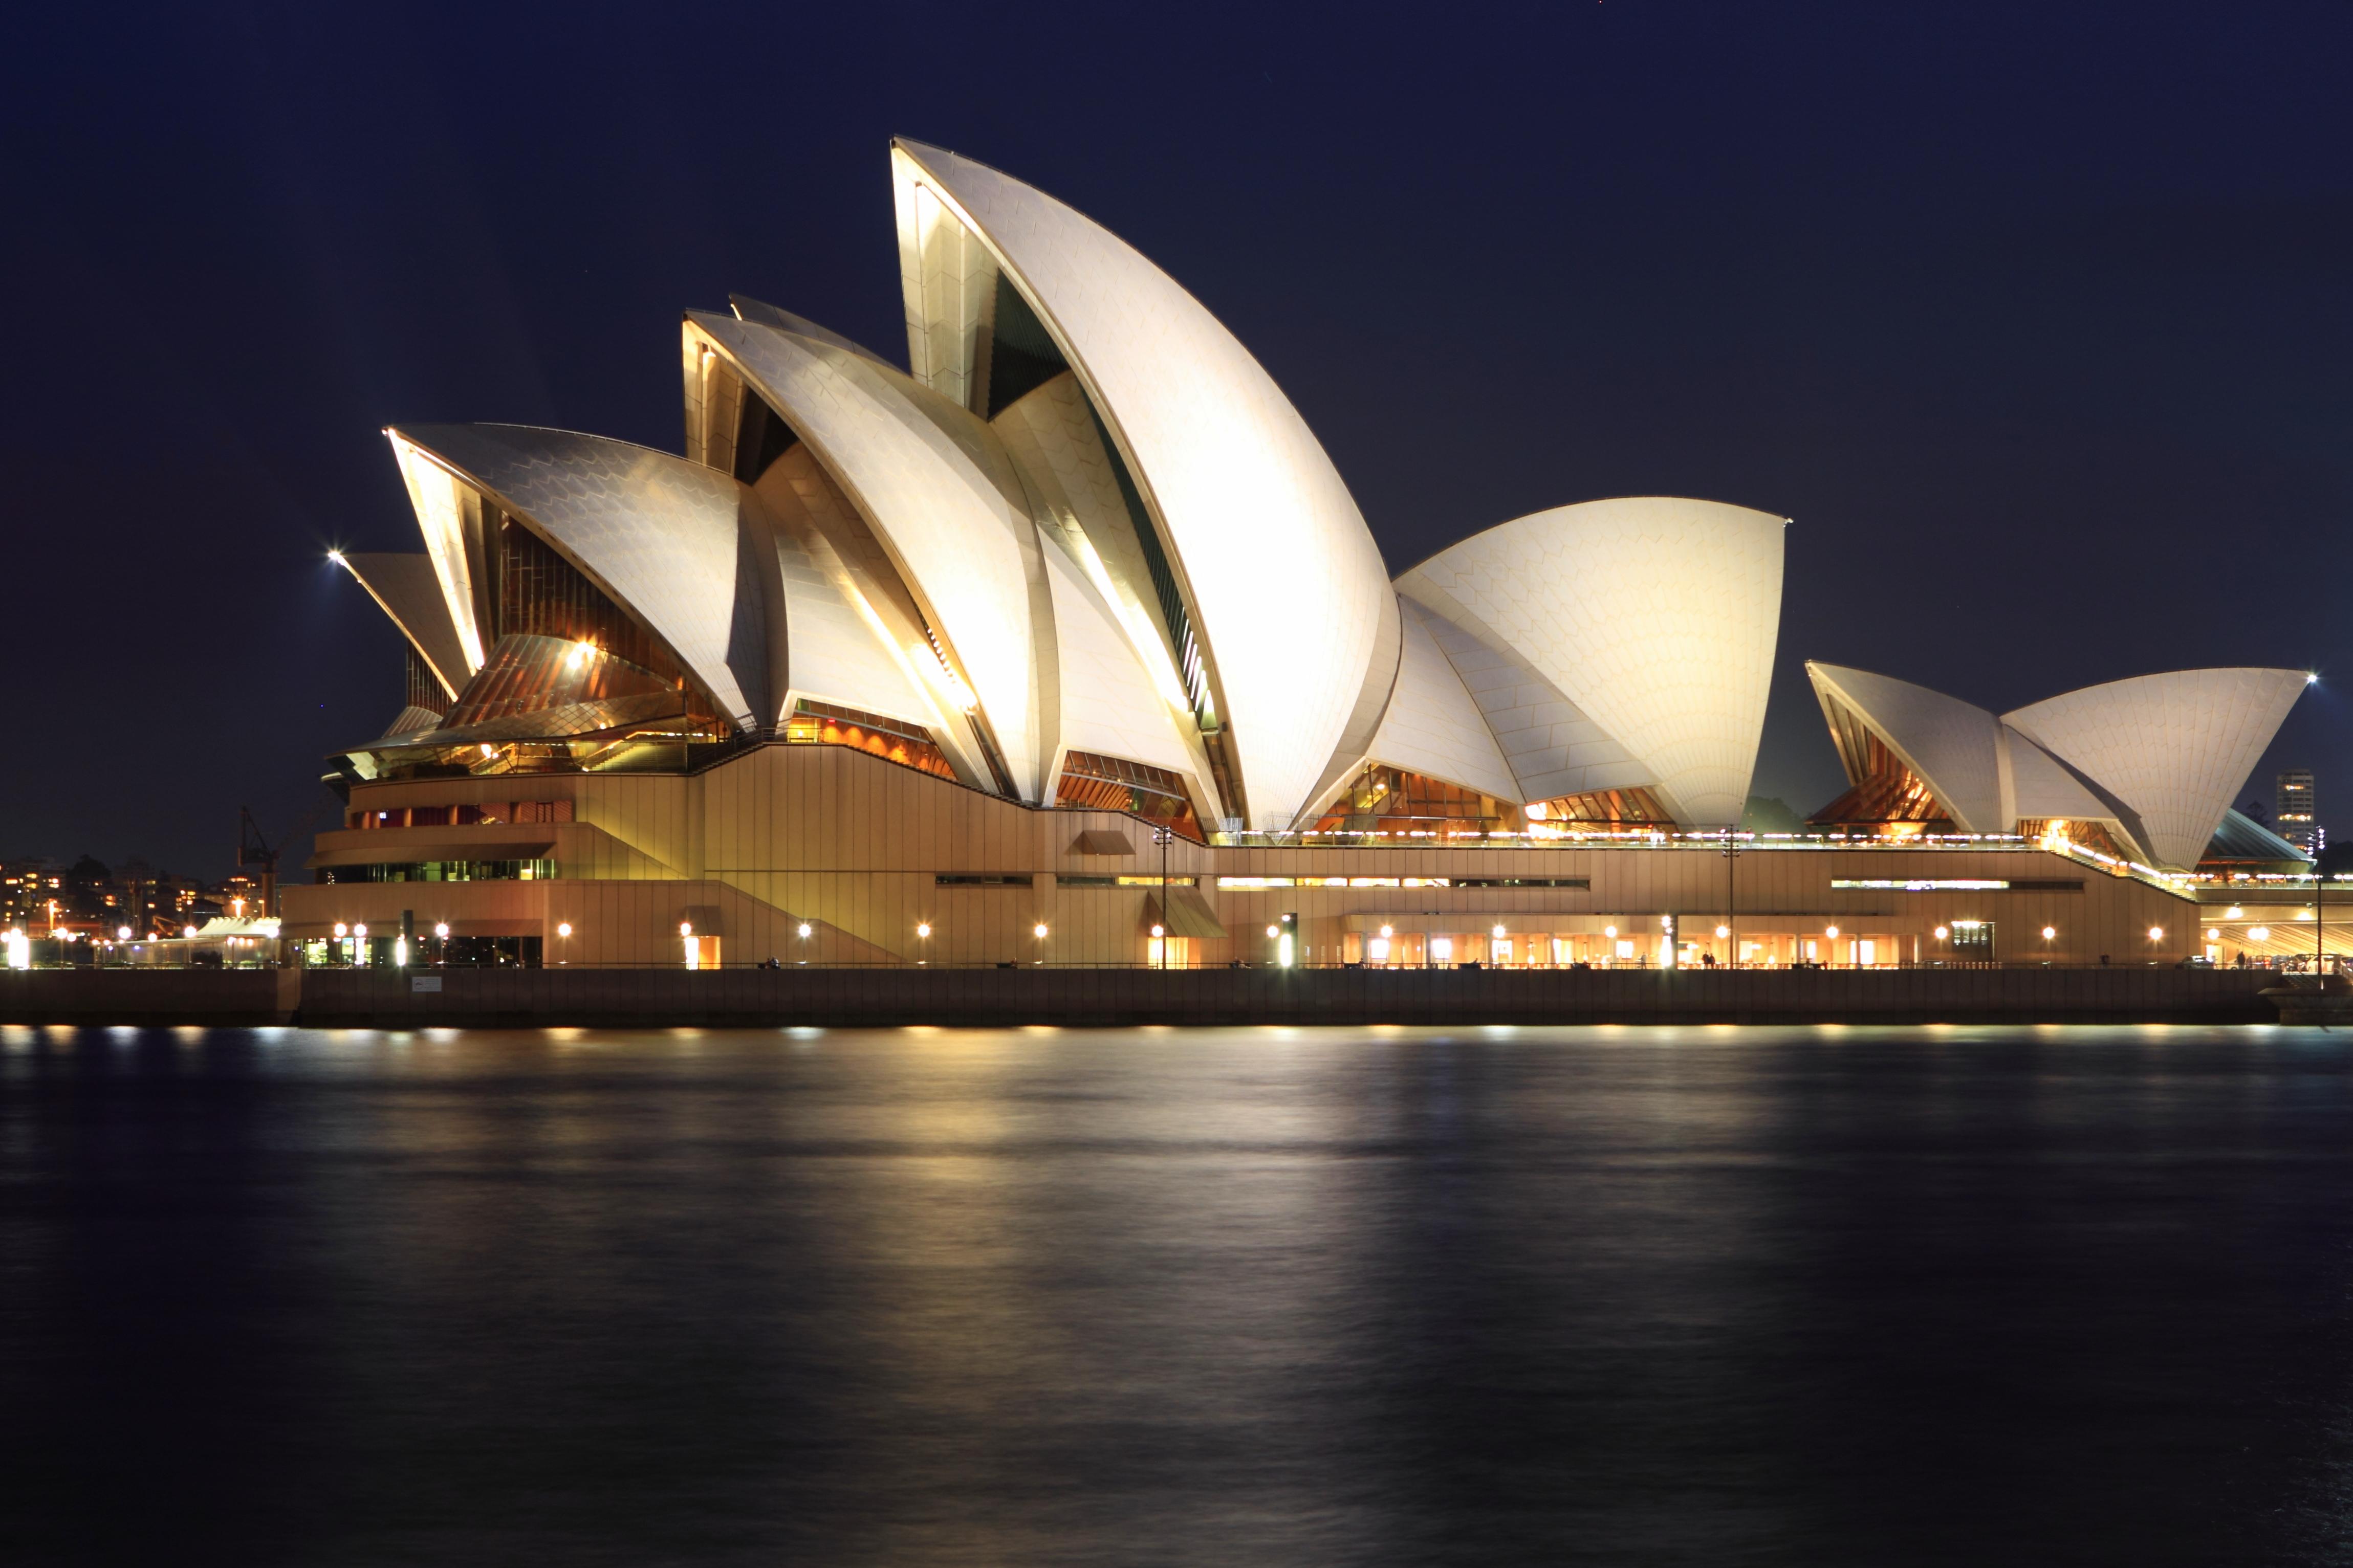 Che temperature sidney a settembre viaggiamo for La casa stupefacente progetta l australia